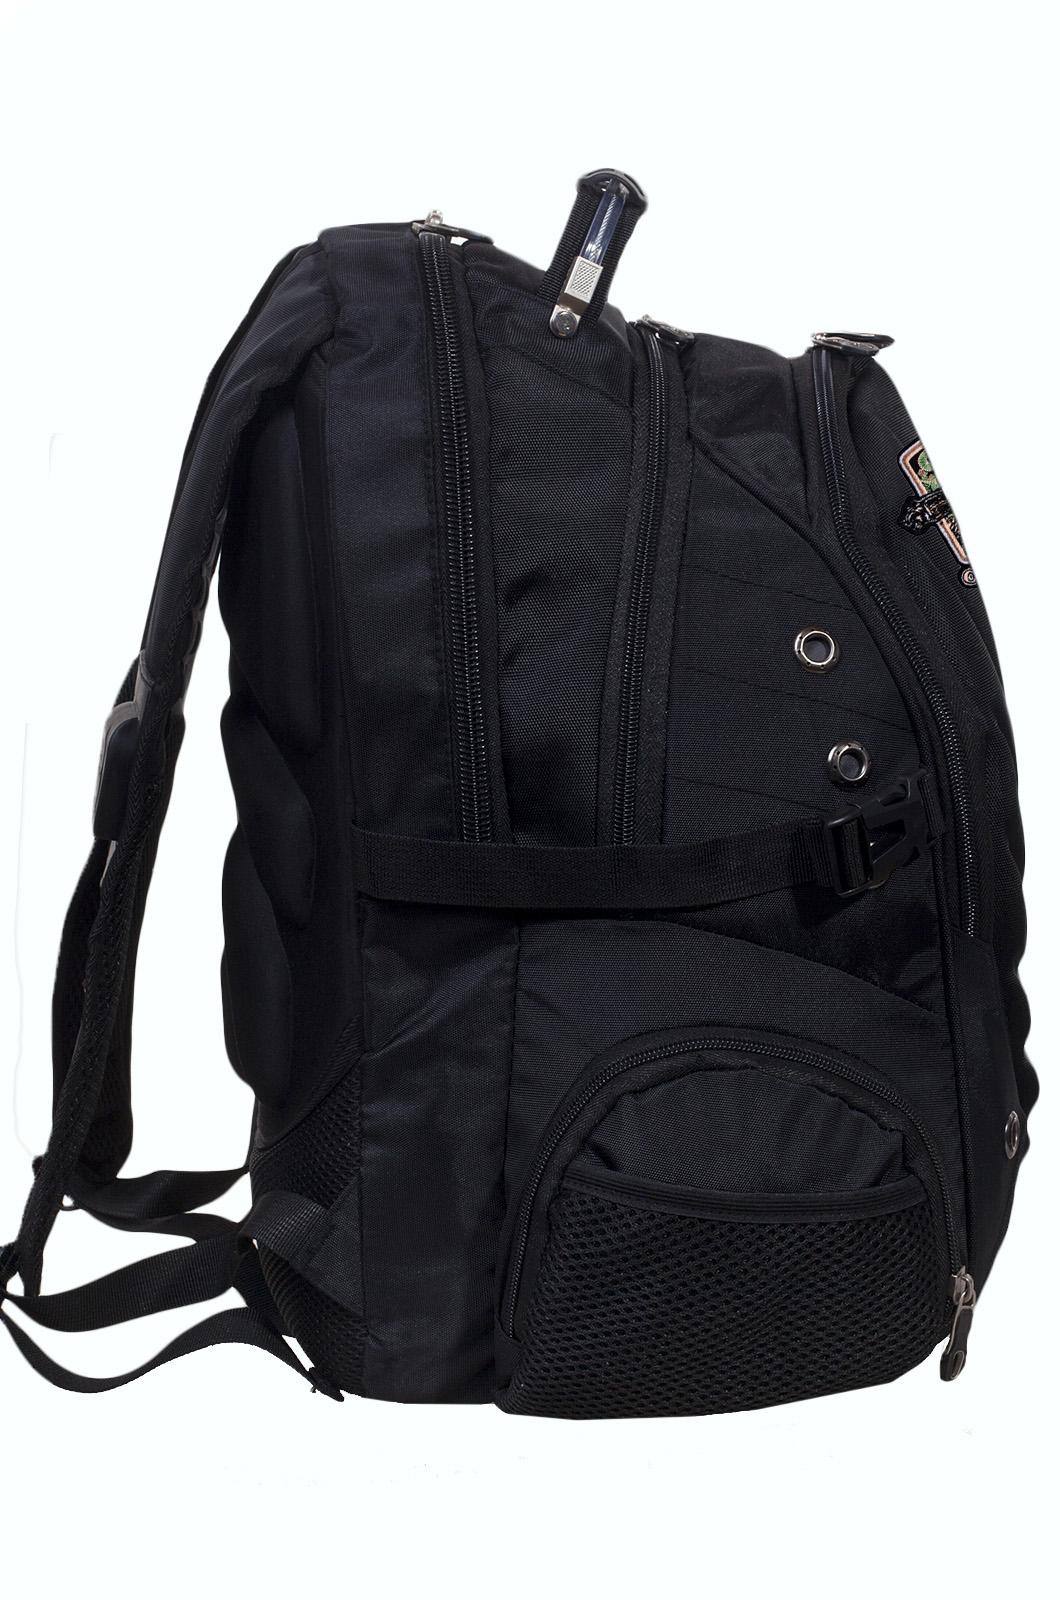 Черный эргономичный рюкзак с эмблемой Охотничий Спецназ - заказать по низкой цене